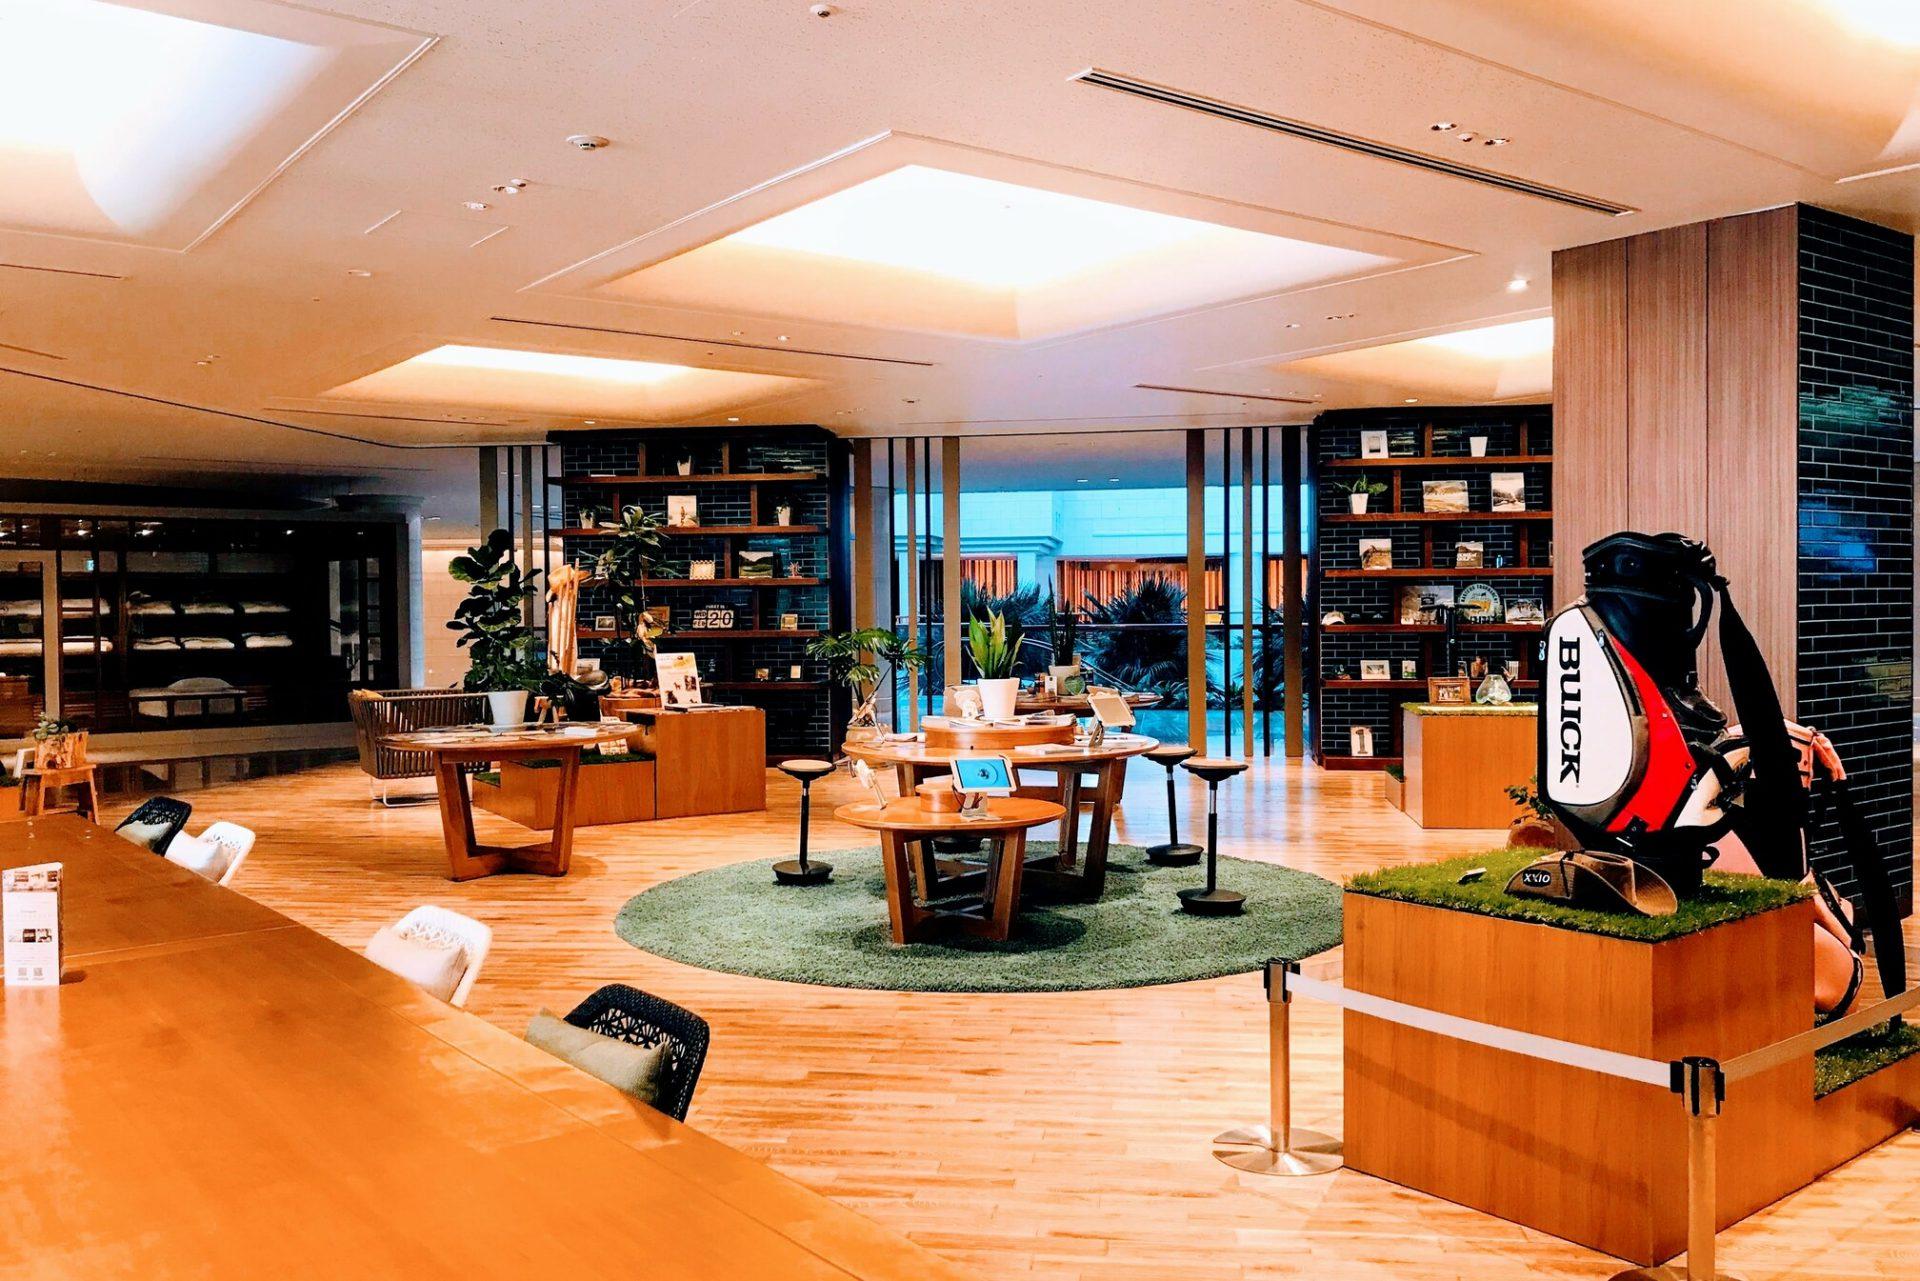 アクティビティーセンター シェラトン・グランデ・オーシャンリゾート 宮崎 フェニックス・シーガイア・リゾート